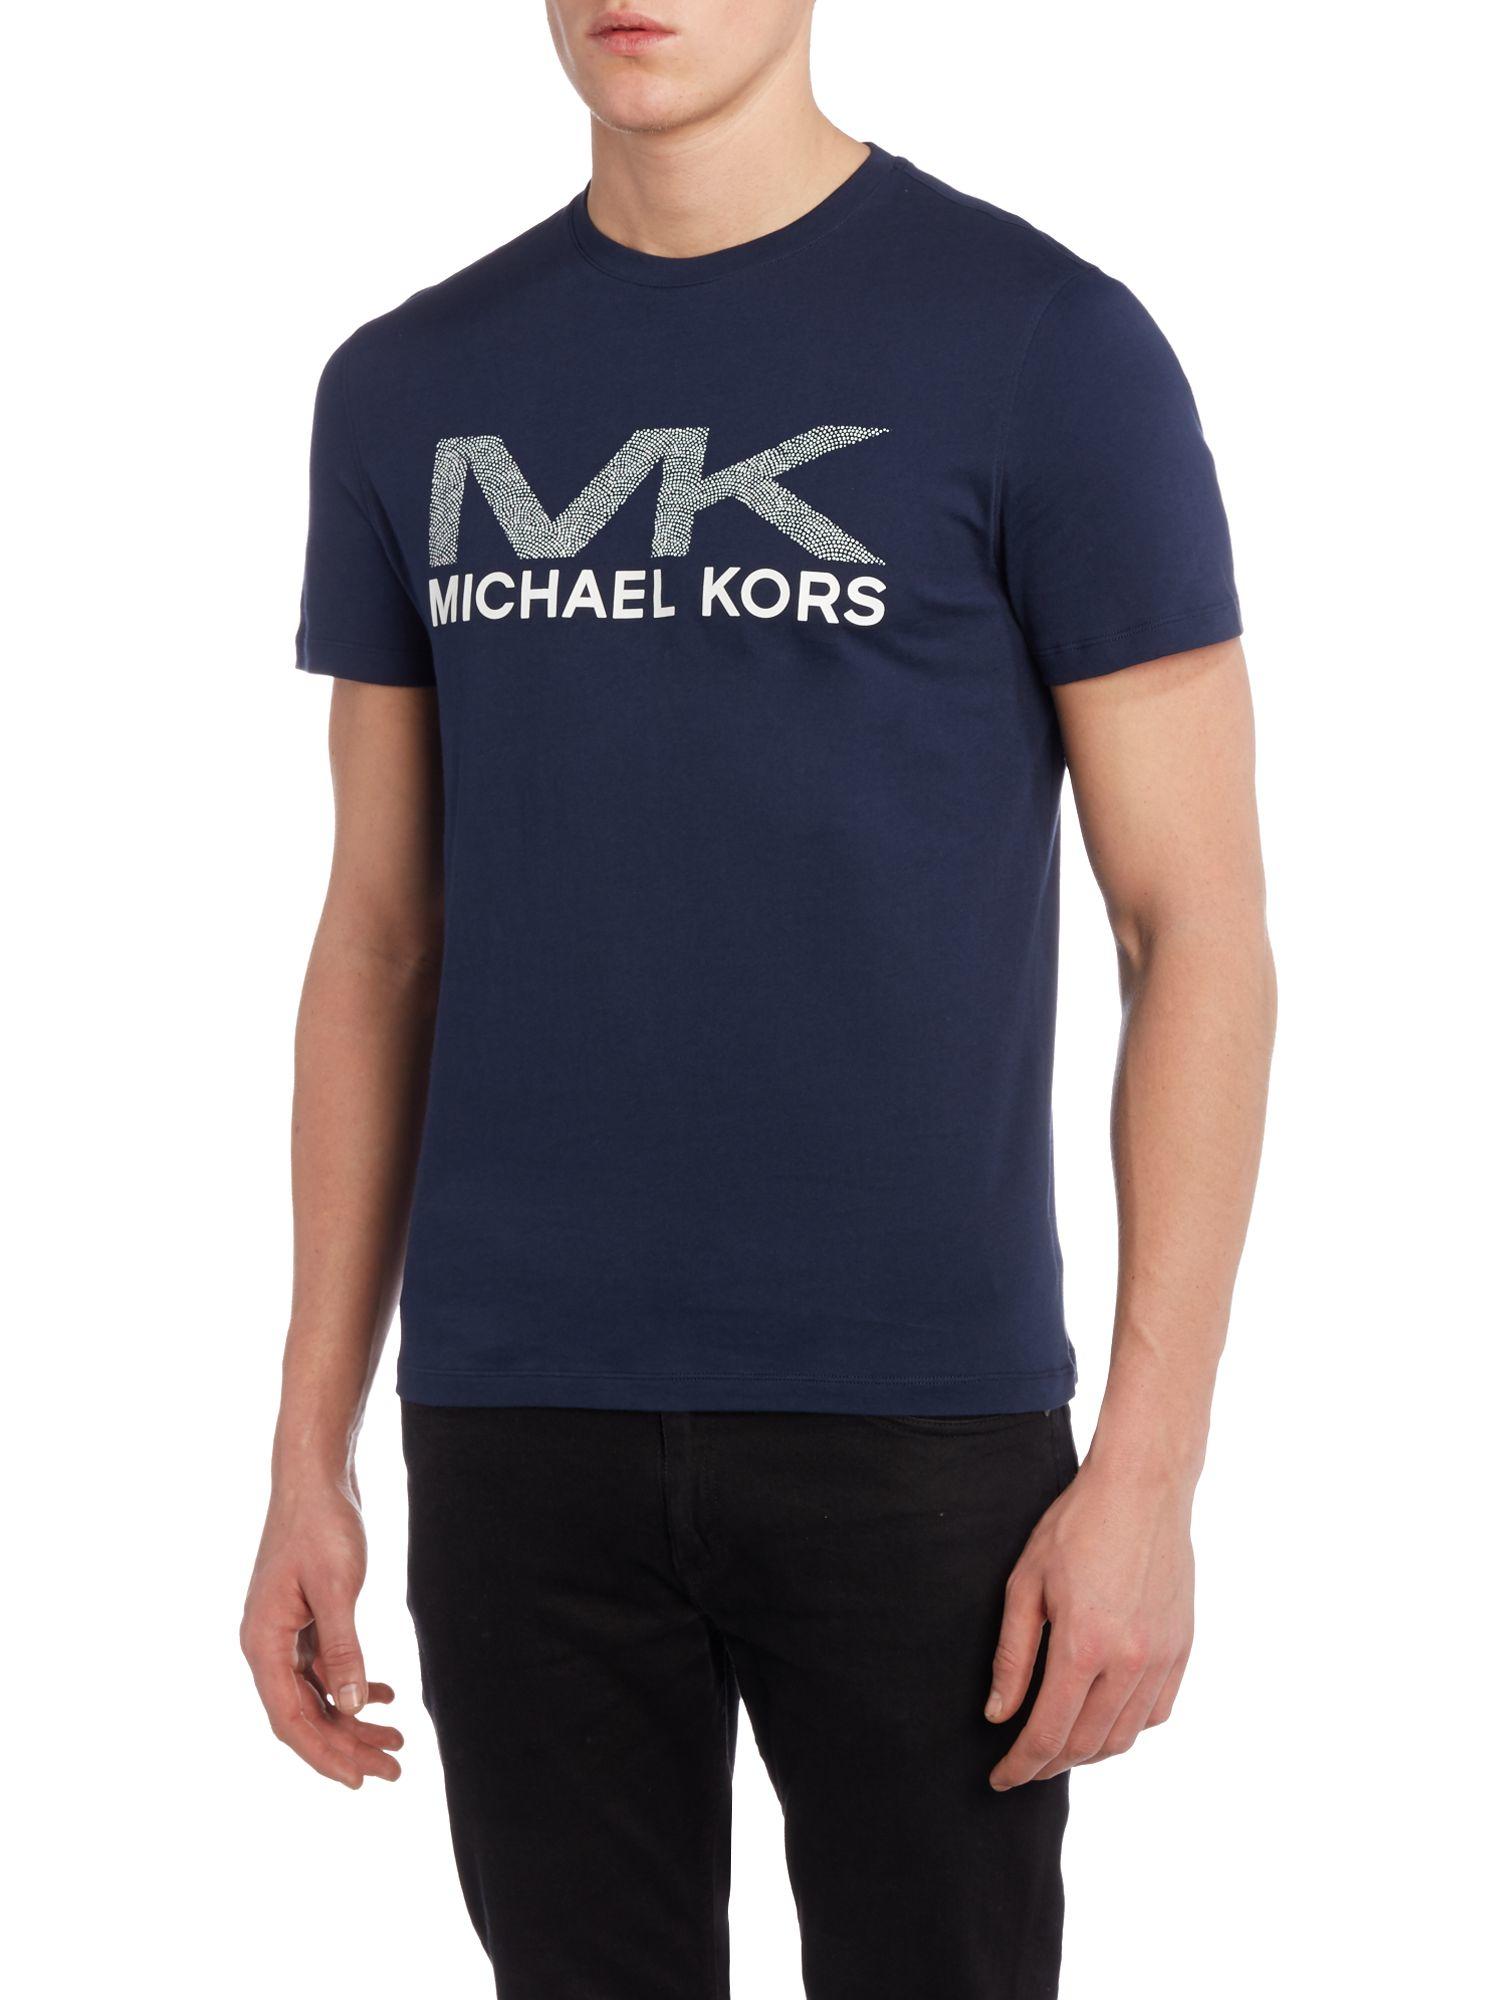 michael kors regular fit dotted mk logo print t shirt in blue for men lyst. Black Bedroom Furniture Sets. Home Design Ideas